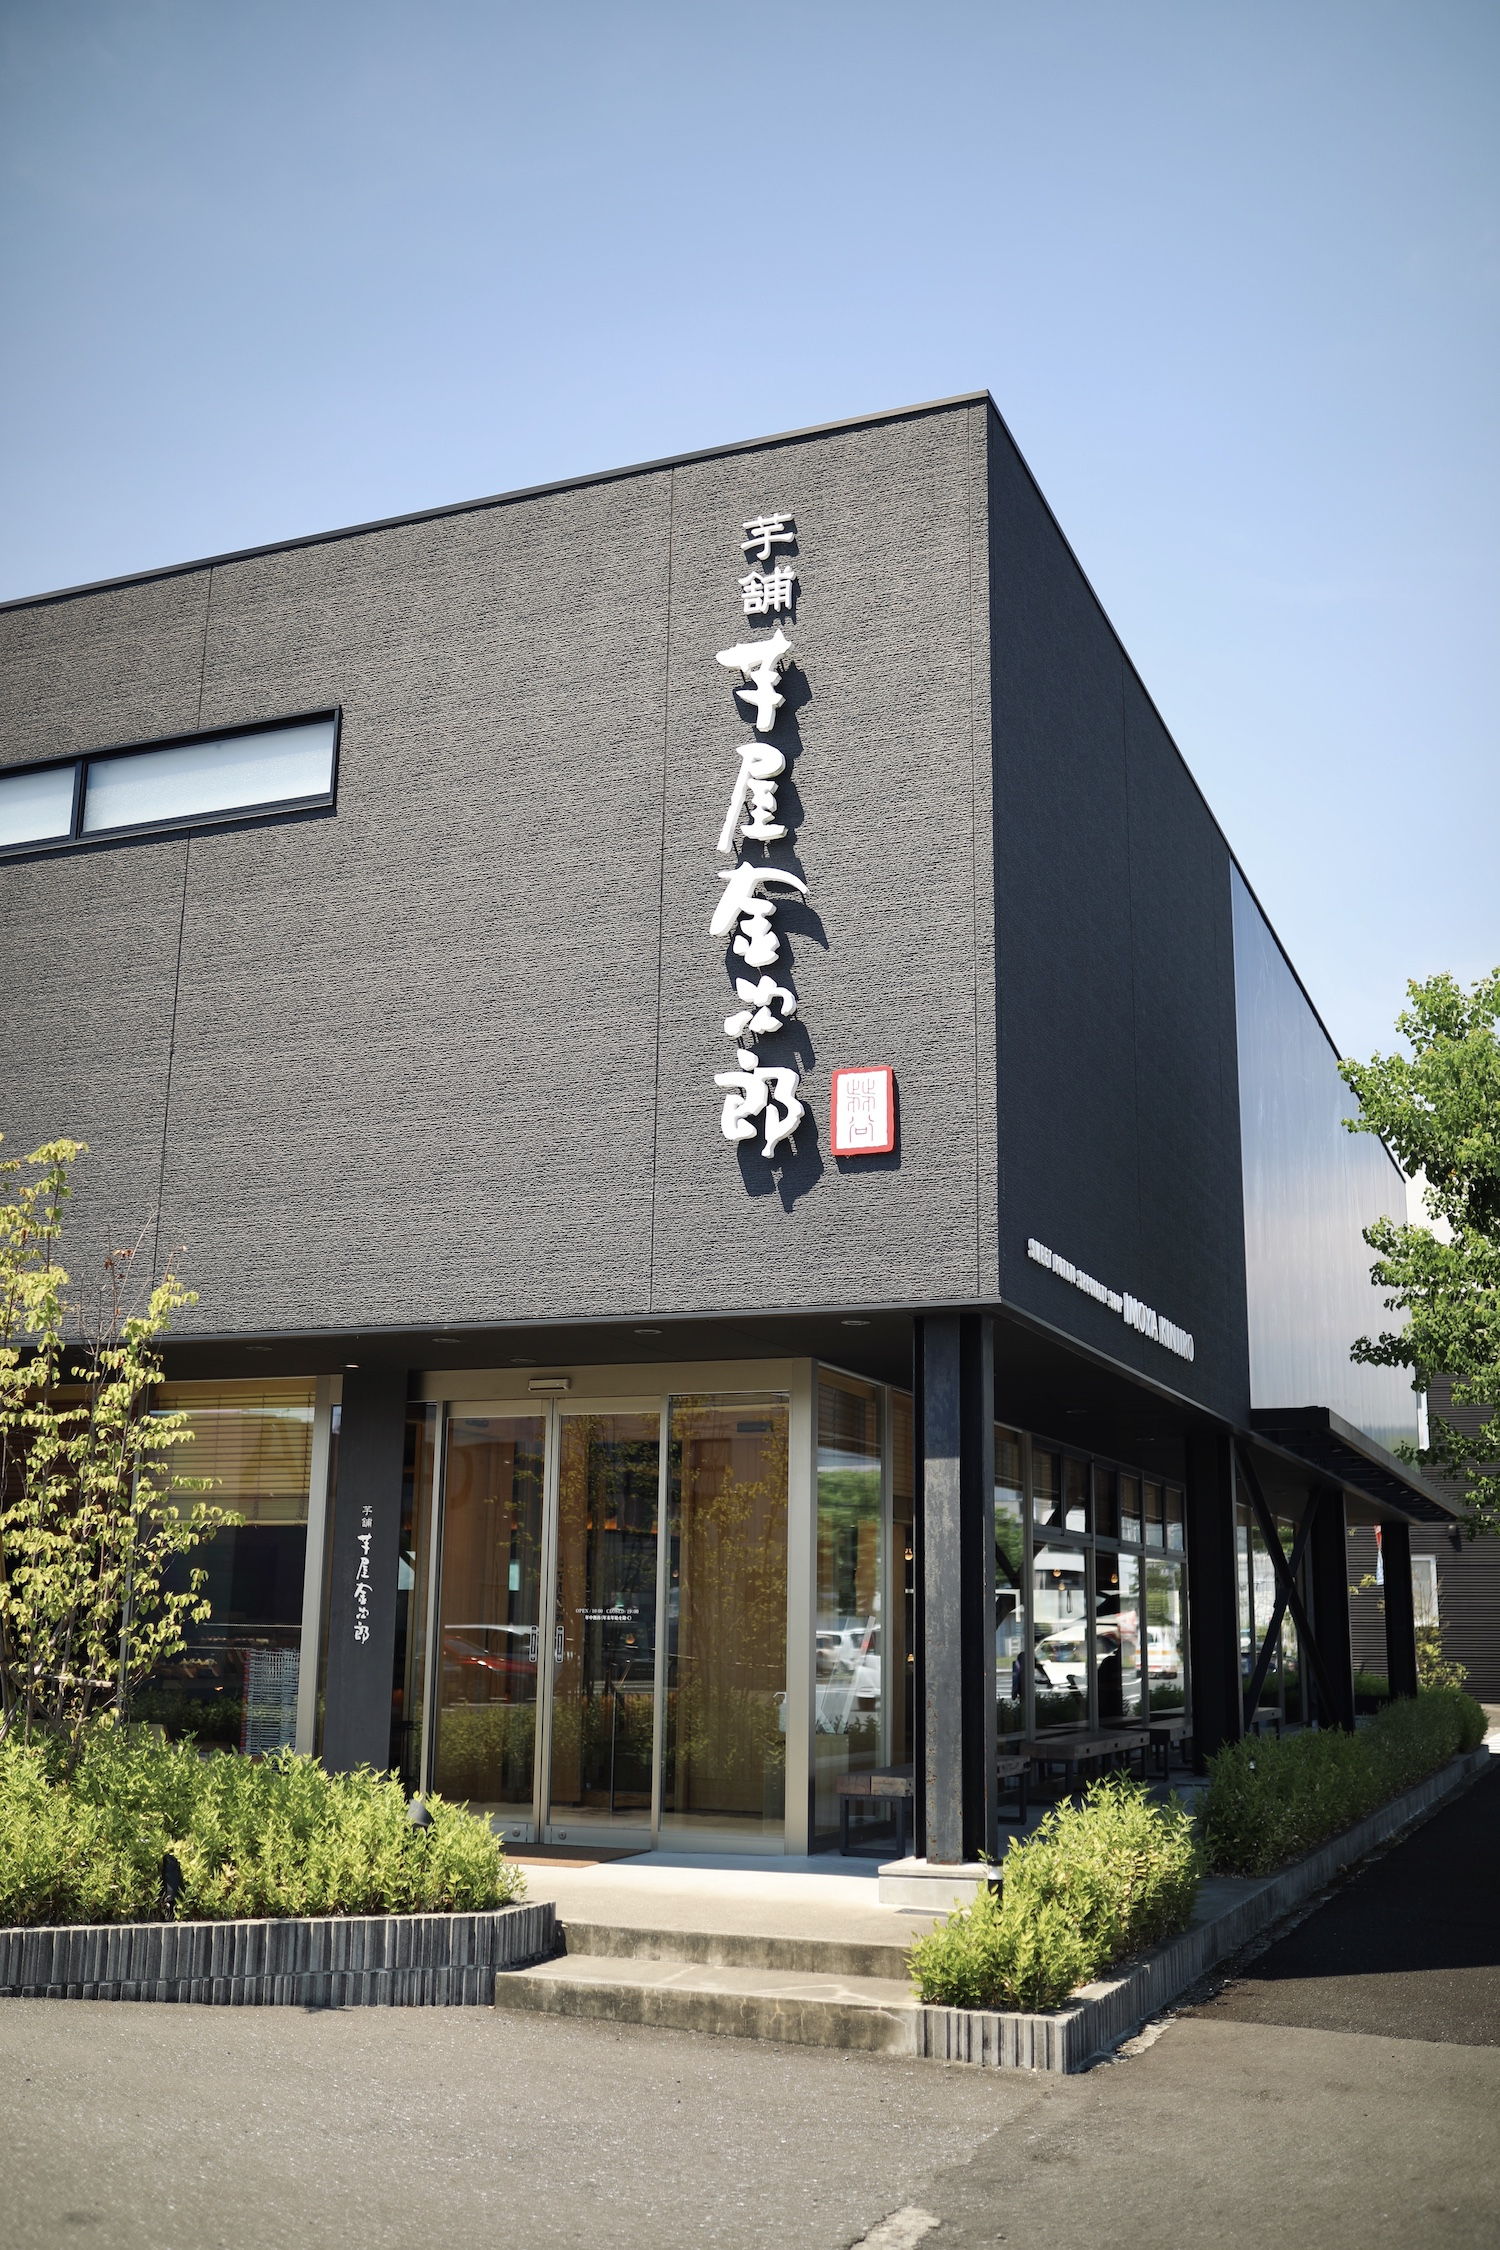 芋屋金次郎(いもやきんじろう)卸団地店|高知でお芋スイーツ食べるならココ!連日人気のショップ併設カフェ。